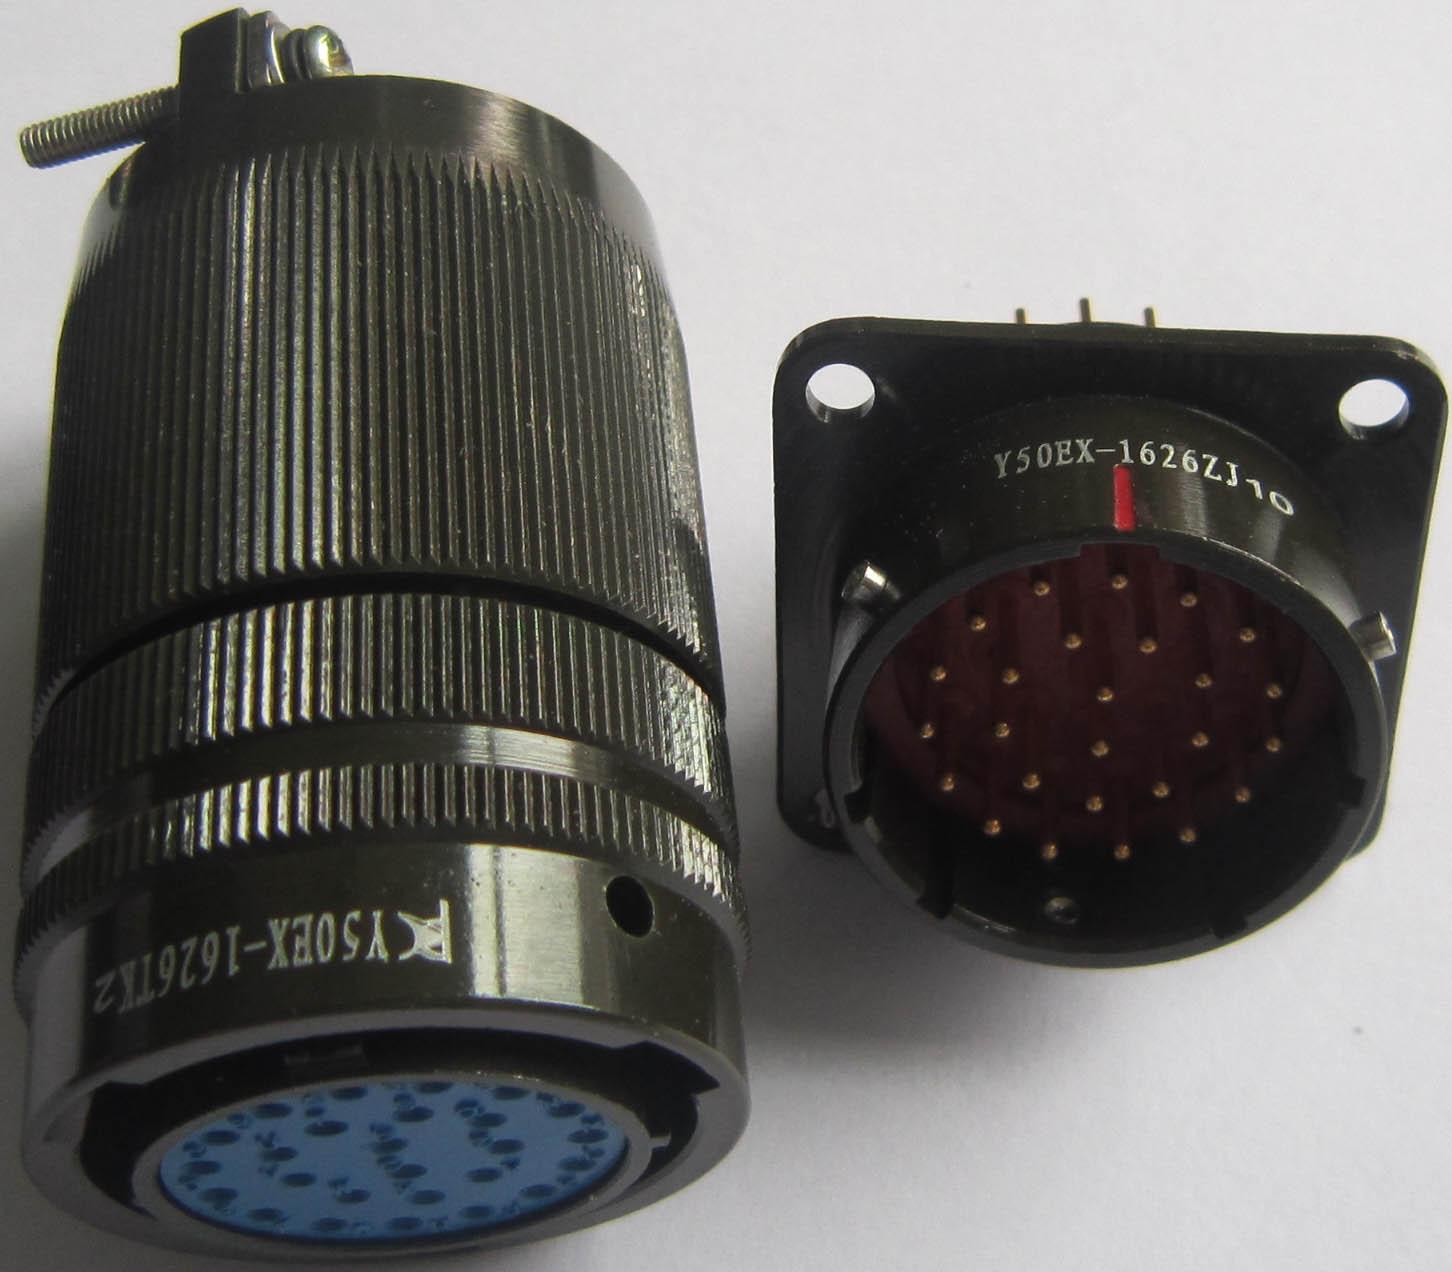 Y50EX-1626 Circular connectors as MIL-C-26482 series 1